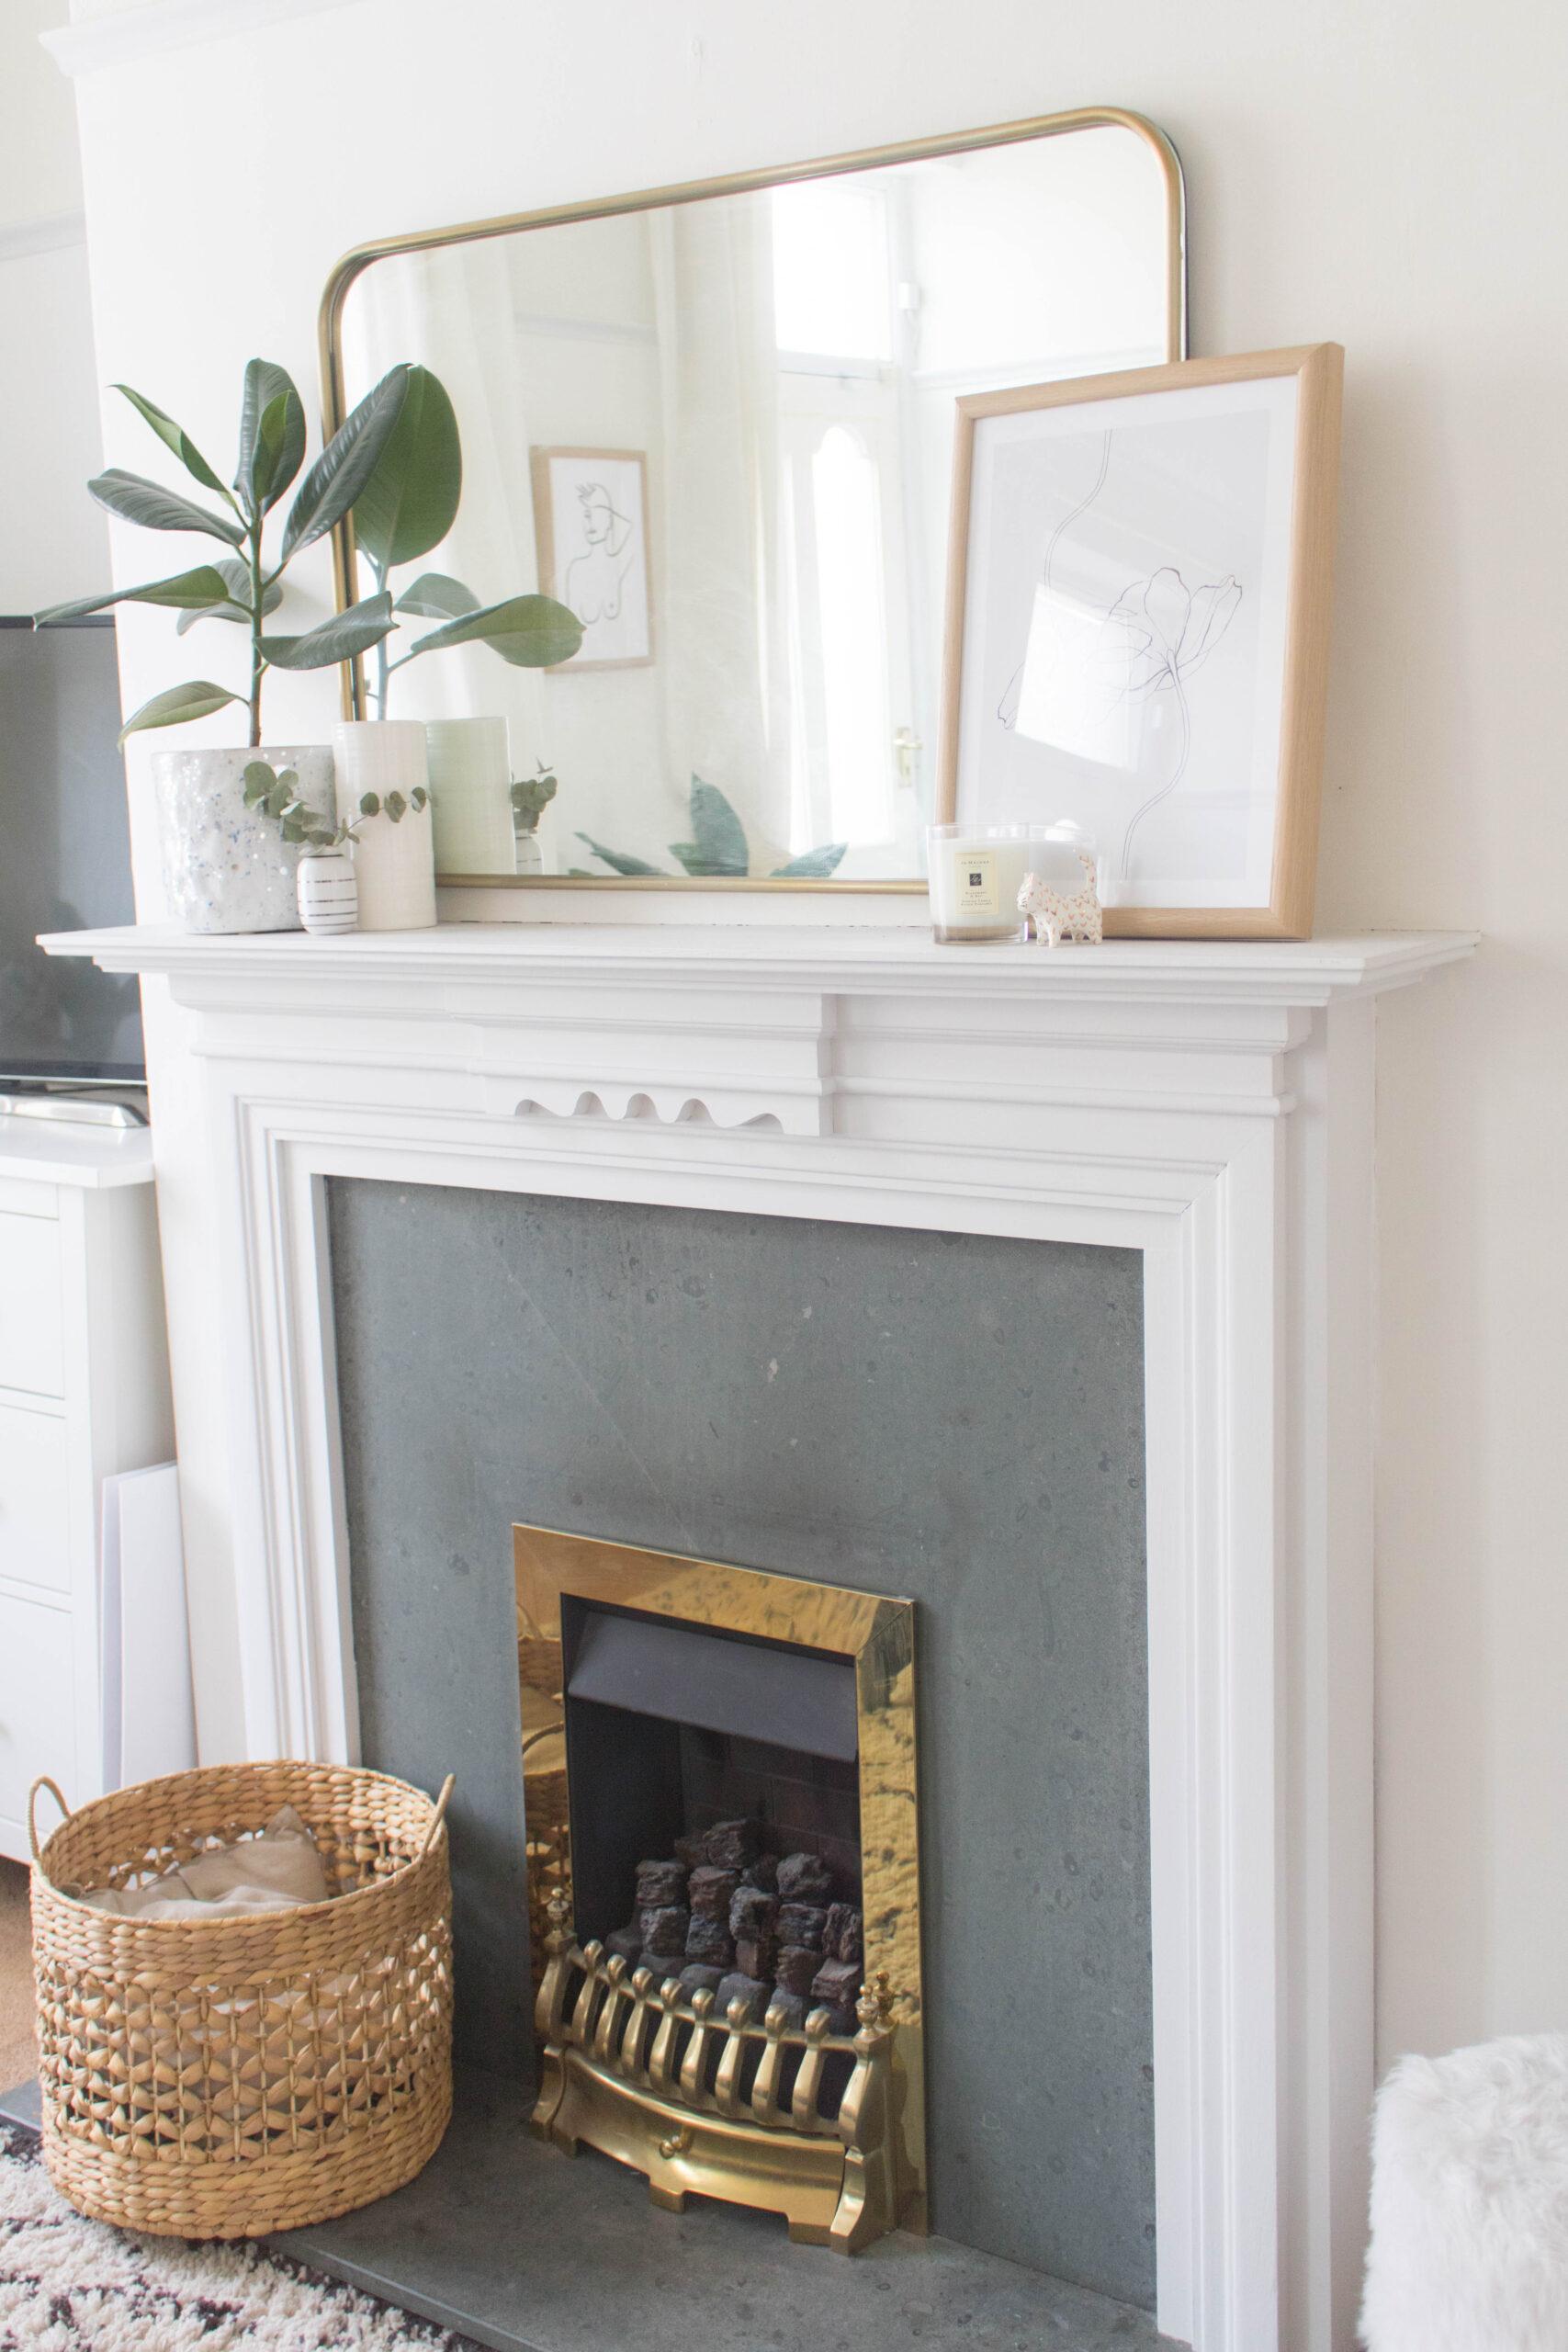 Styling a Fireplace Three Ways